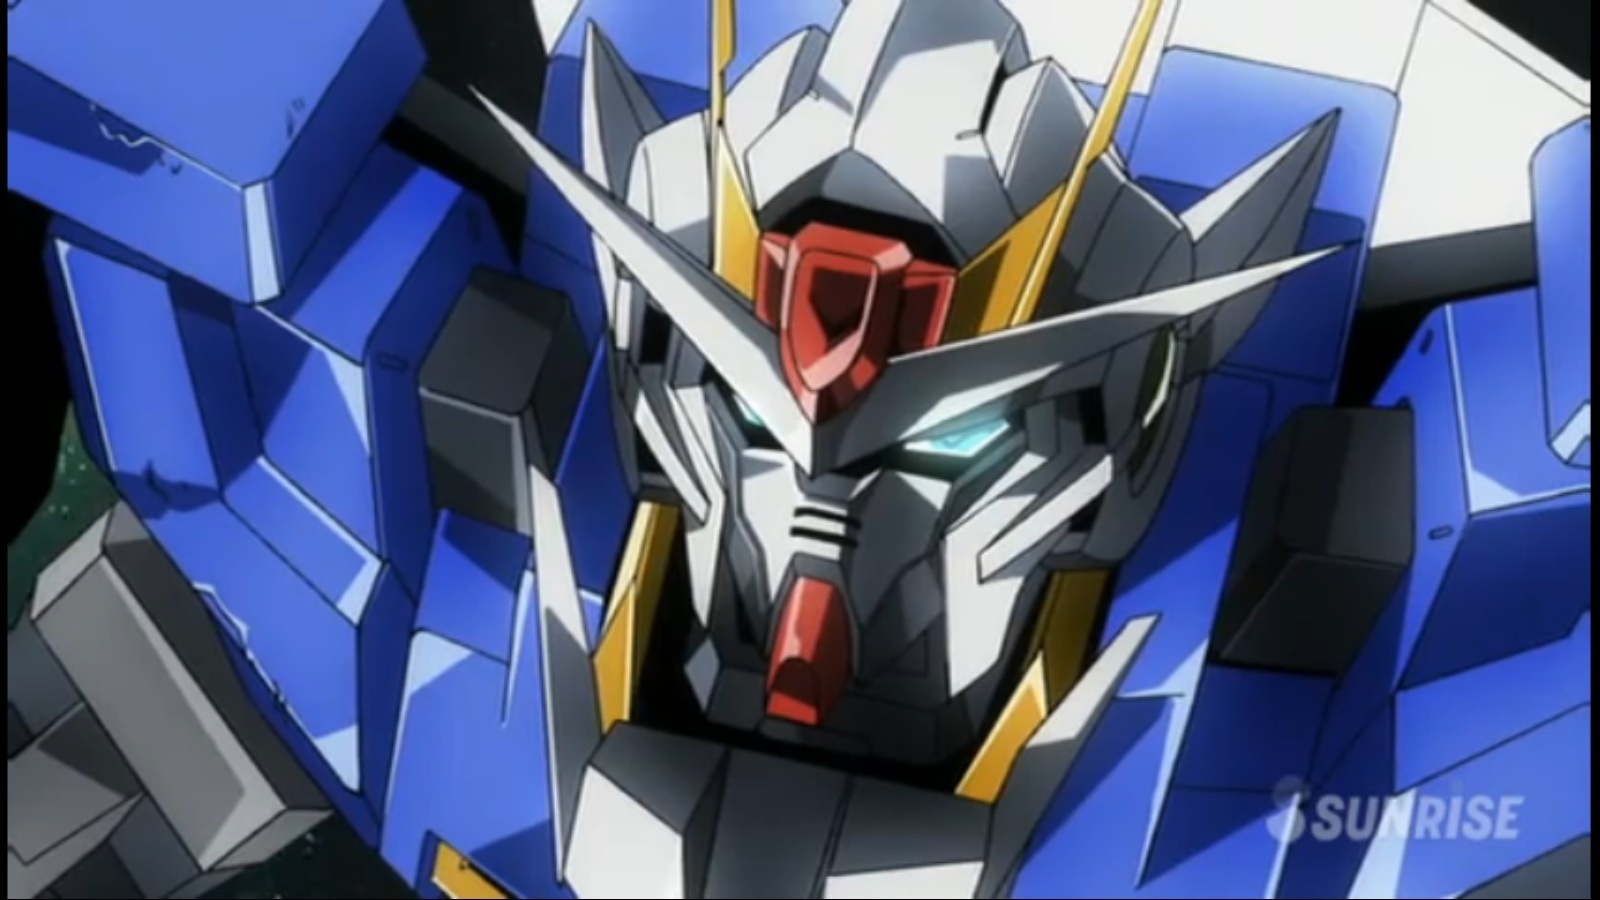 Free Download Pin Mobile Suit Gundam 00 Wallpaper 1366x768